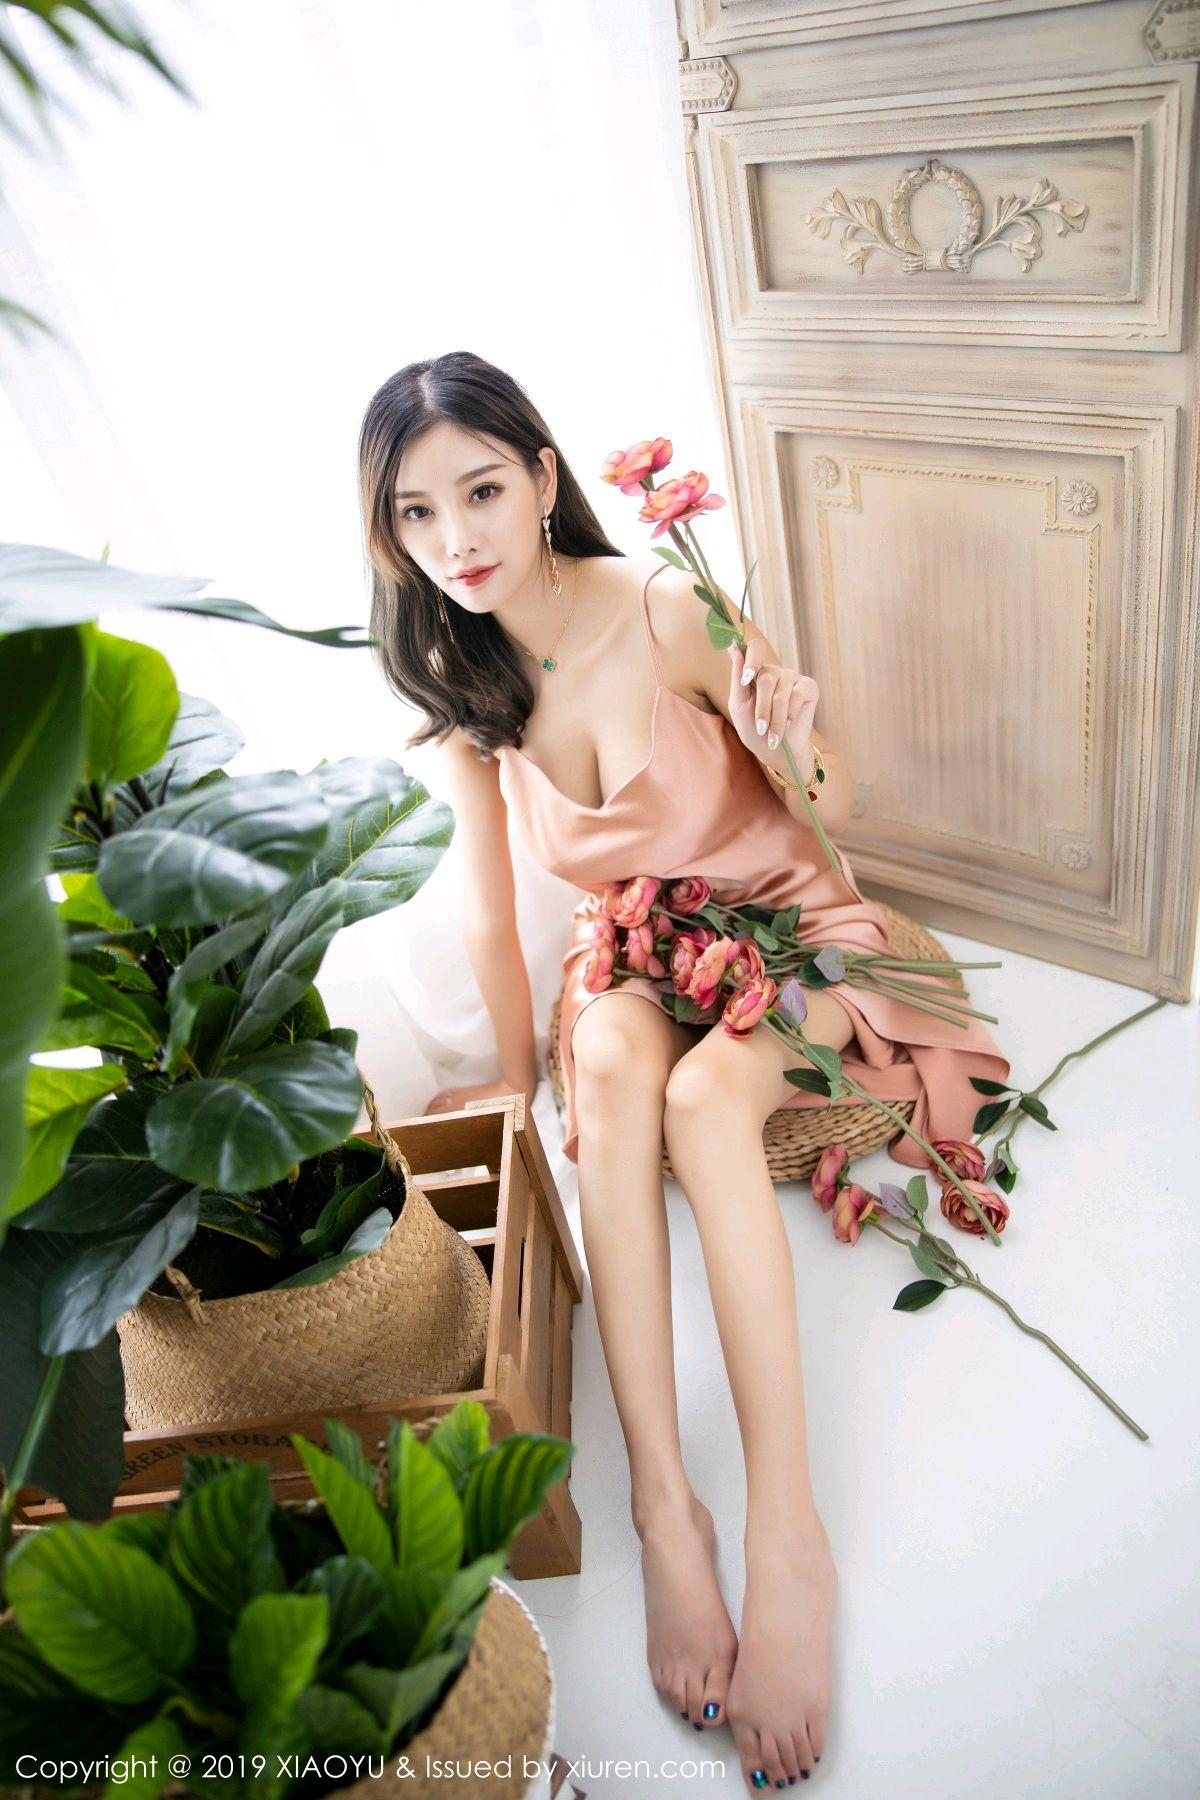 [XiaoYu] Vol.143 Yang Chen Chen 15P, Underwear, XiaoYu, Yang Chen Chen